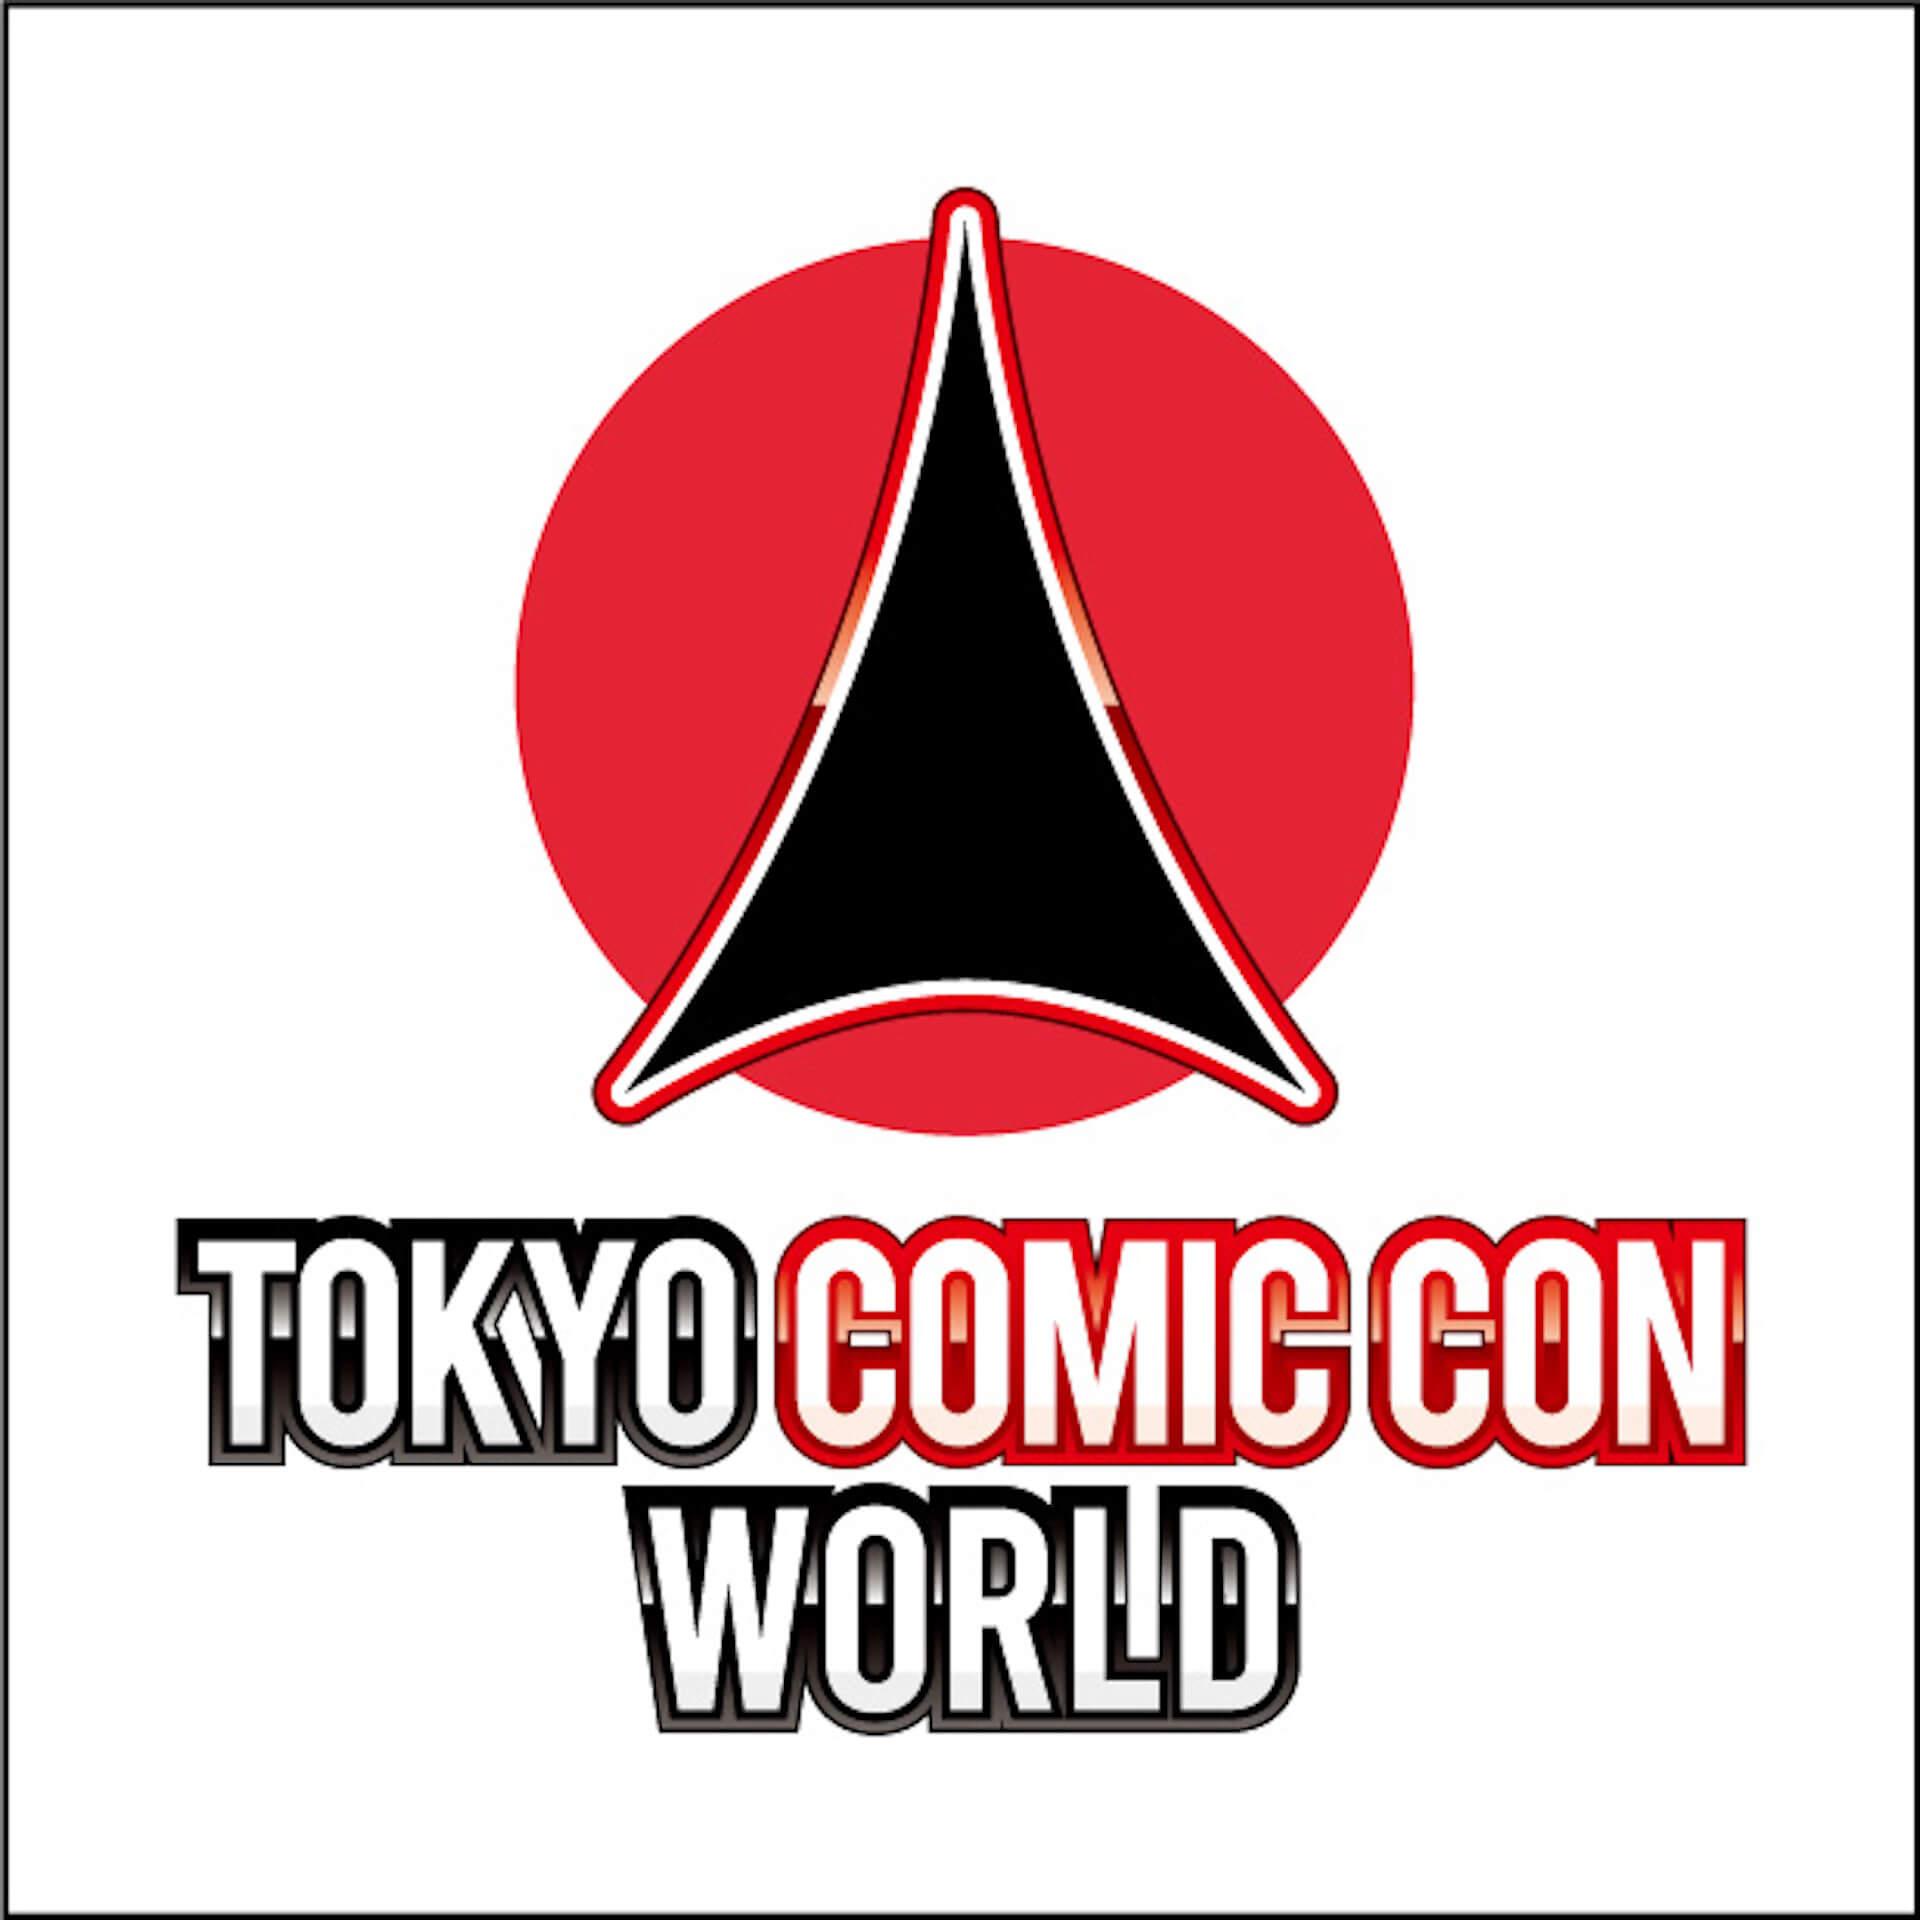 <東京コミコン 2020>の生配信ライブステージにPUNPEE、BiSH、電撃ネットワークの出演が決定! art201113_tokyocomicon_4